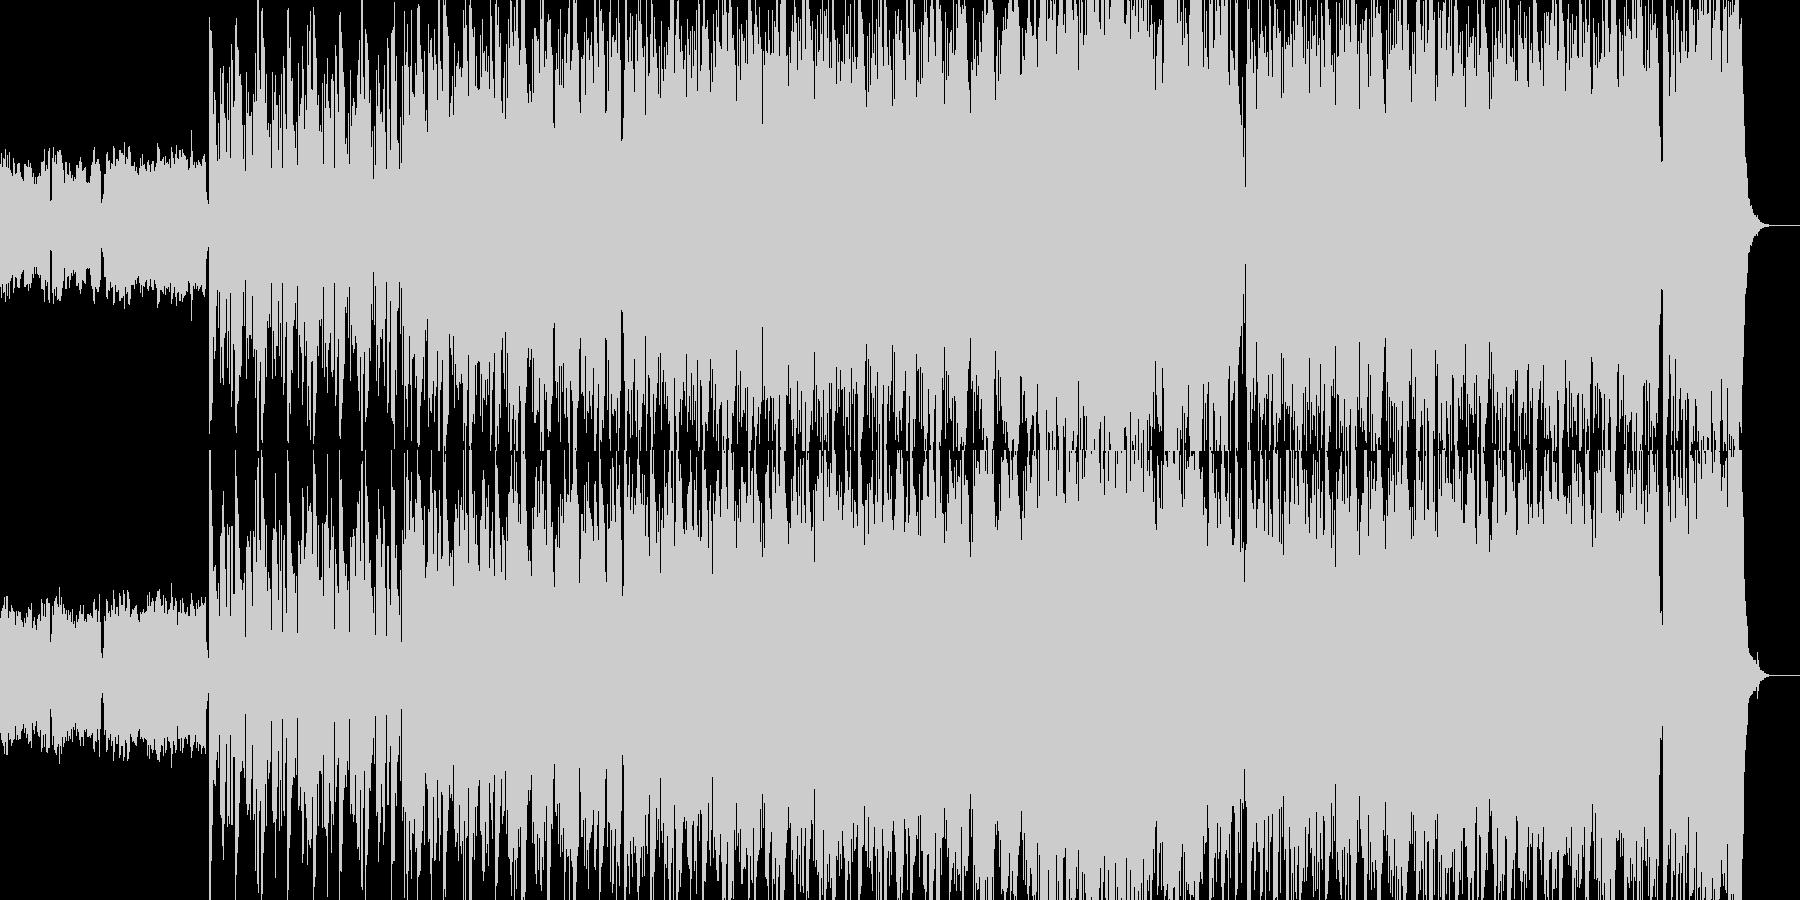 アイリッシュっぽい音楽の未再生の波形